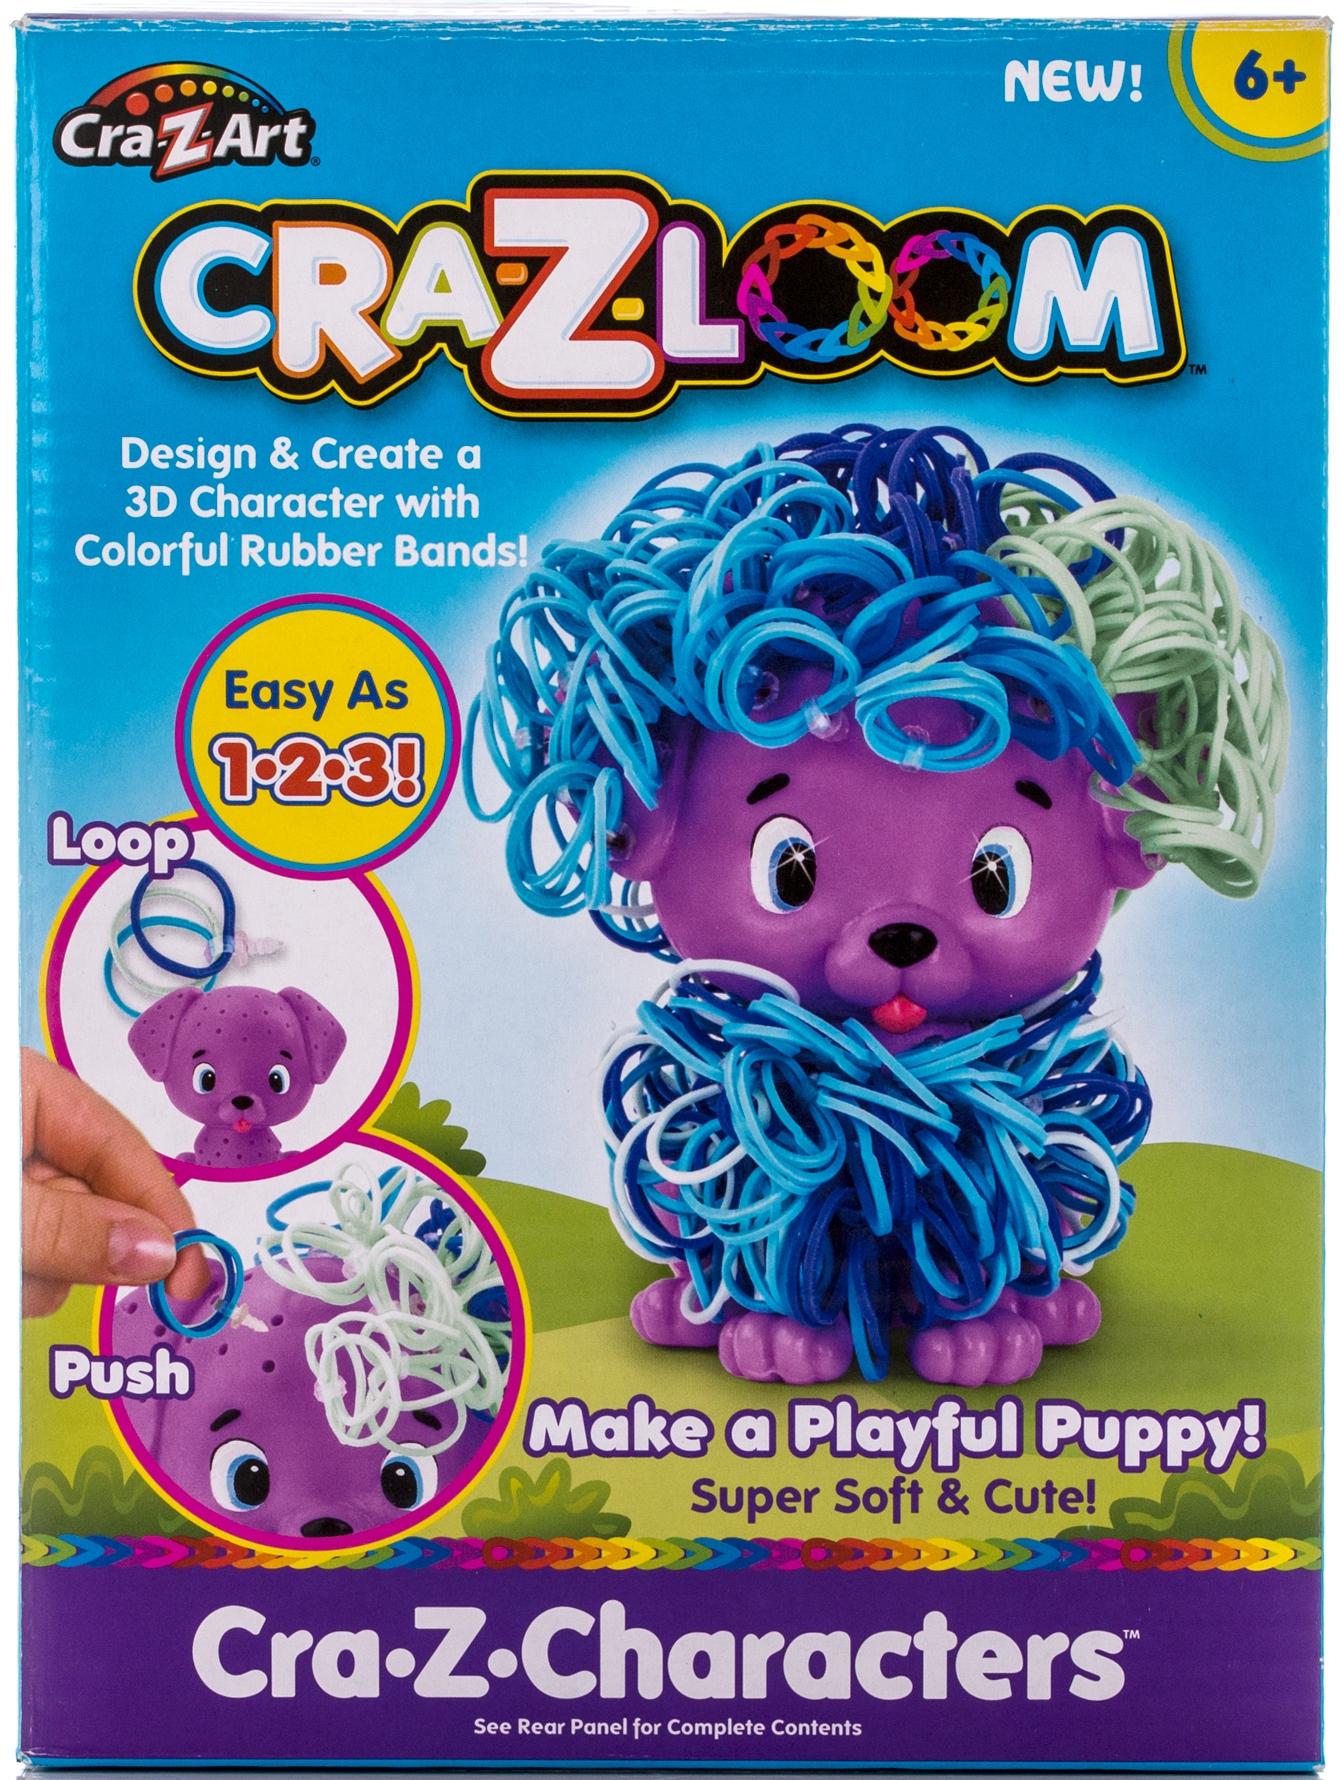 Наборы для творчества Cra-Z-Loom Набор для творчества Cra-z-Loom «Щенок» набор резиночек для плетения 1 toy winx т58328